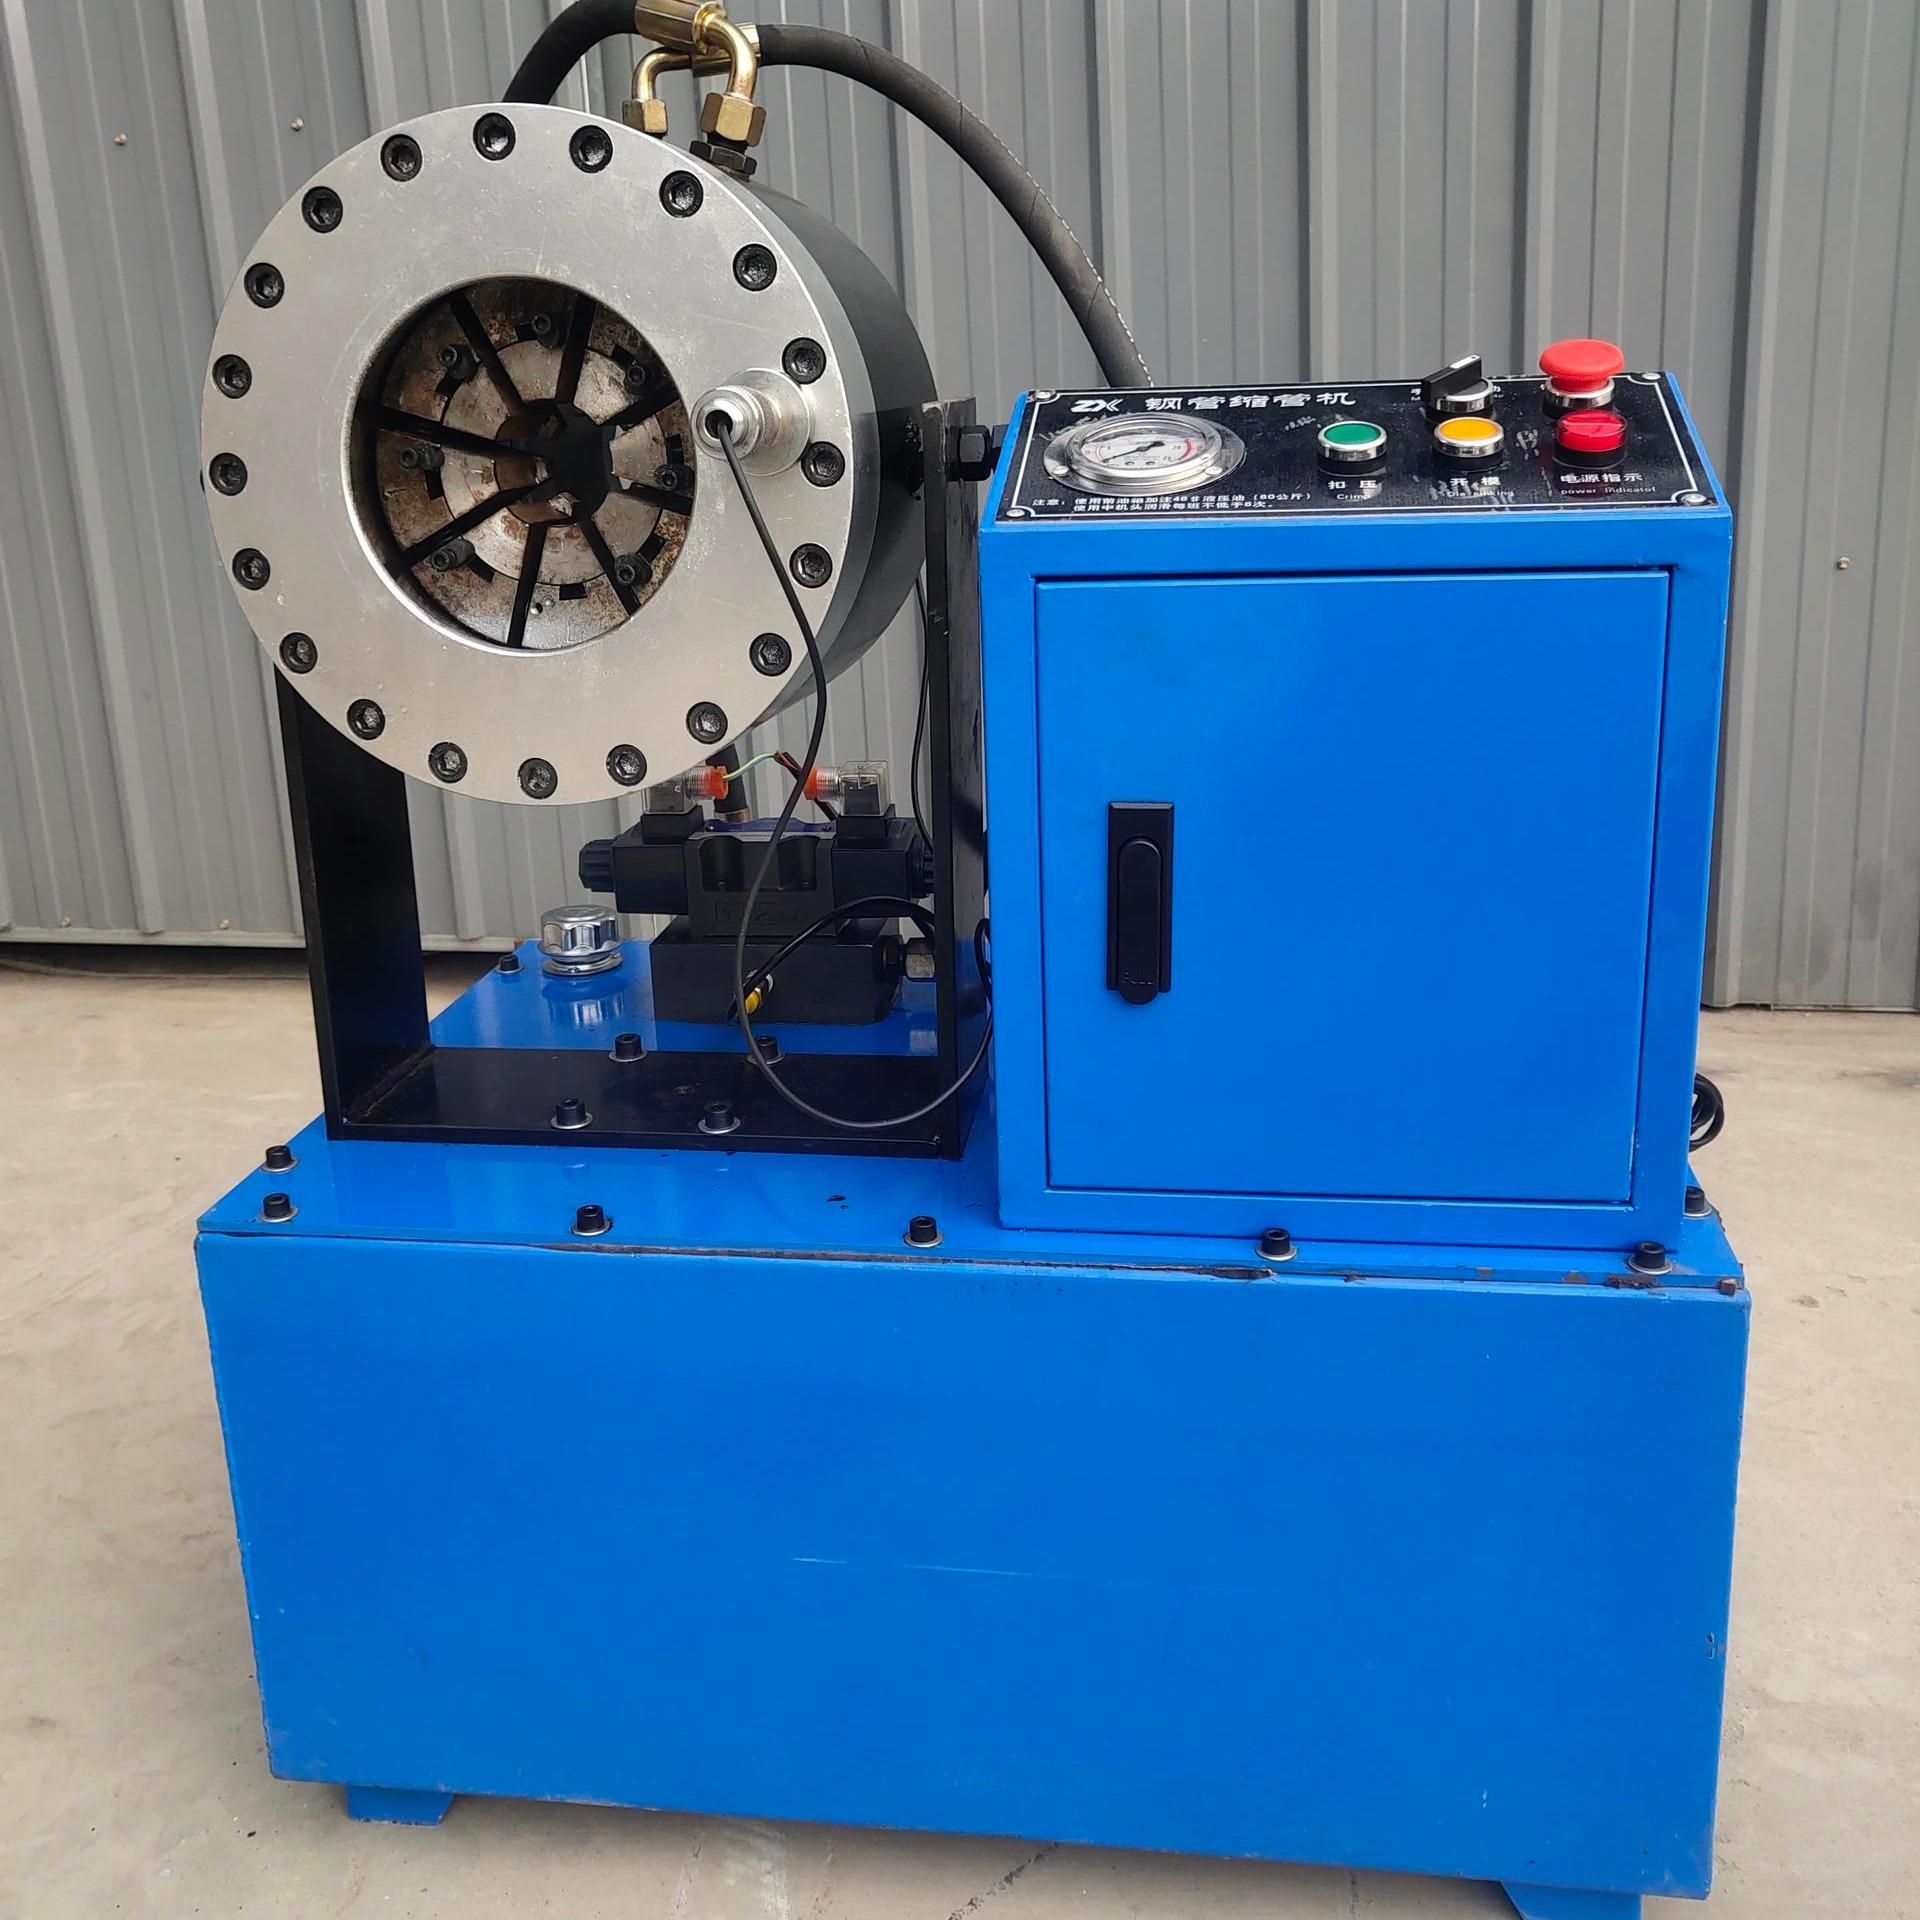 聚輝鋼管縮管機自動扣壓機 立臥兩用縮口機液壓油管大棚鎖管機壓管機JH-50